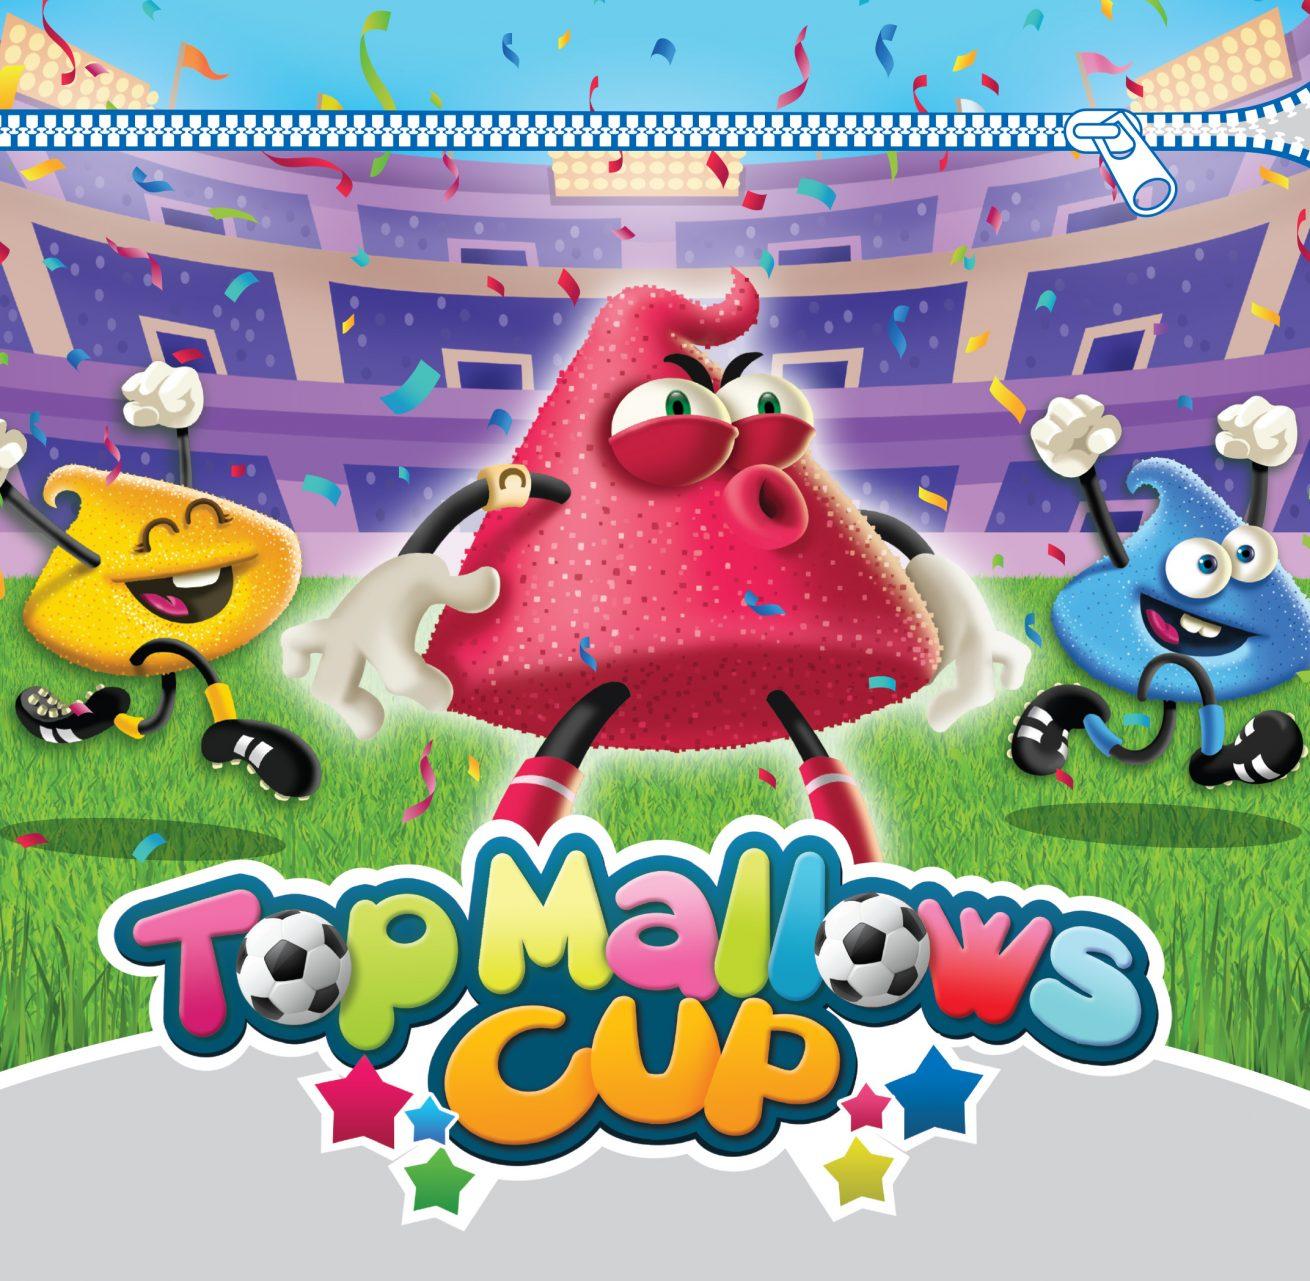 Ilustración y diseño Top Mallows Cup